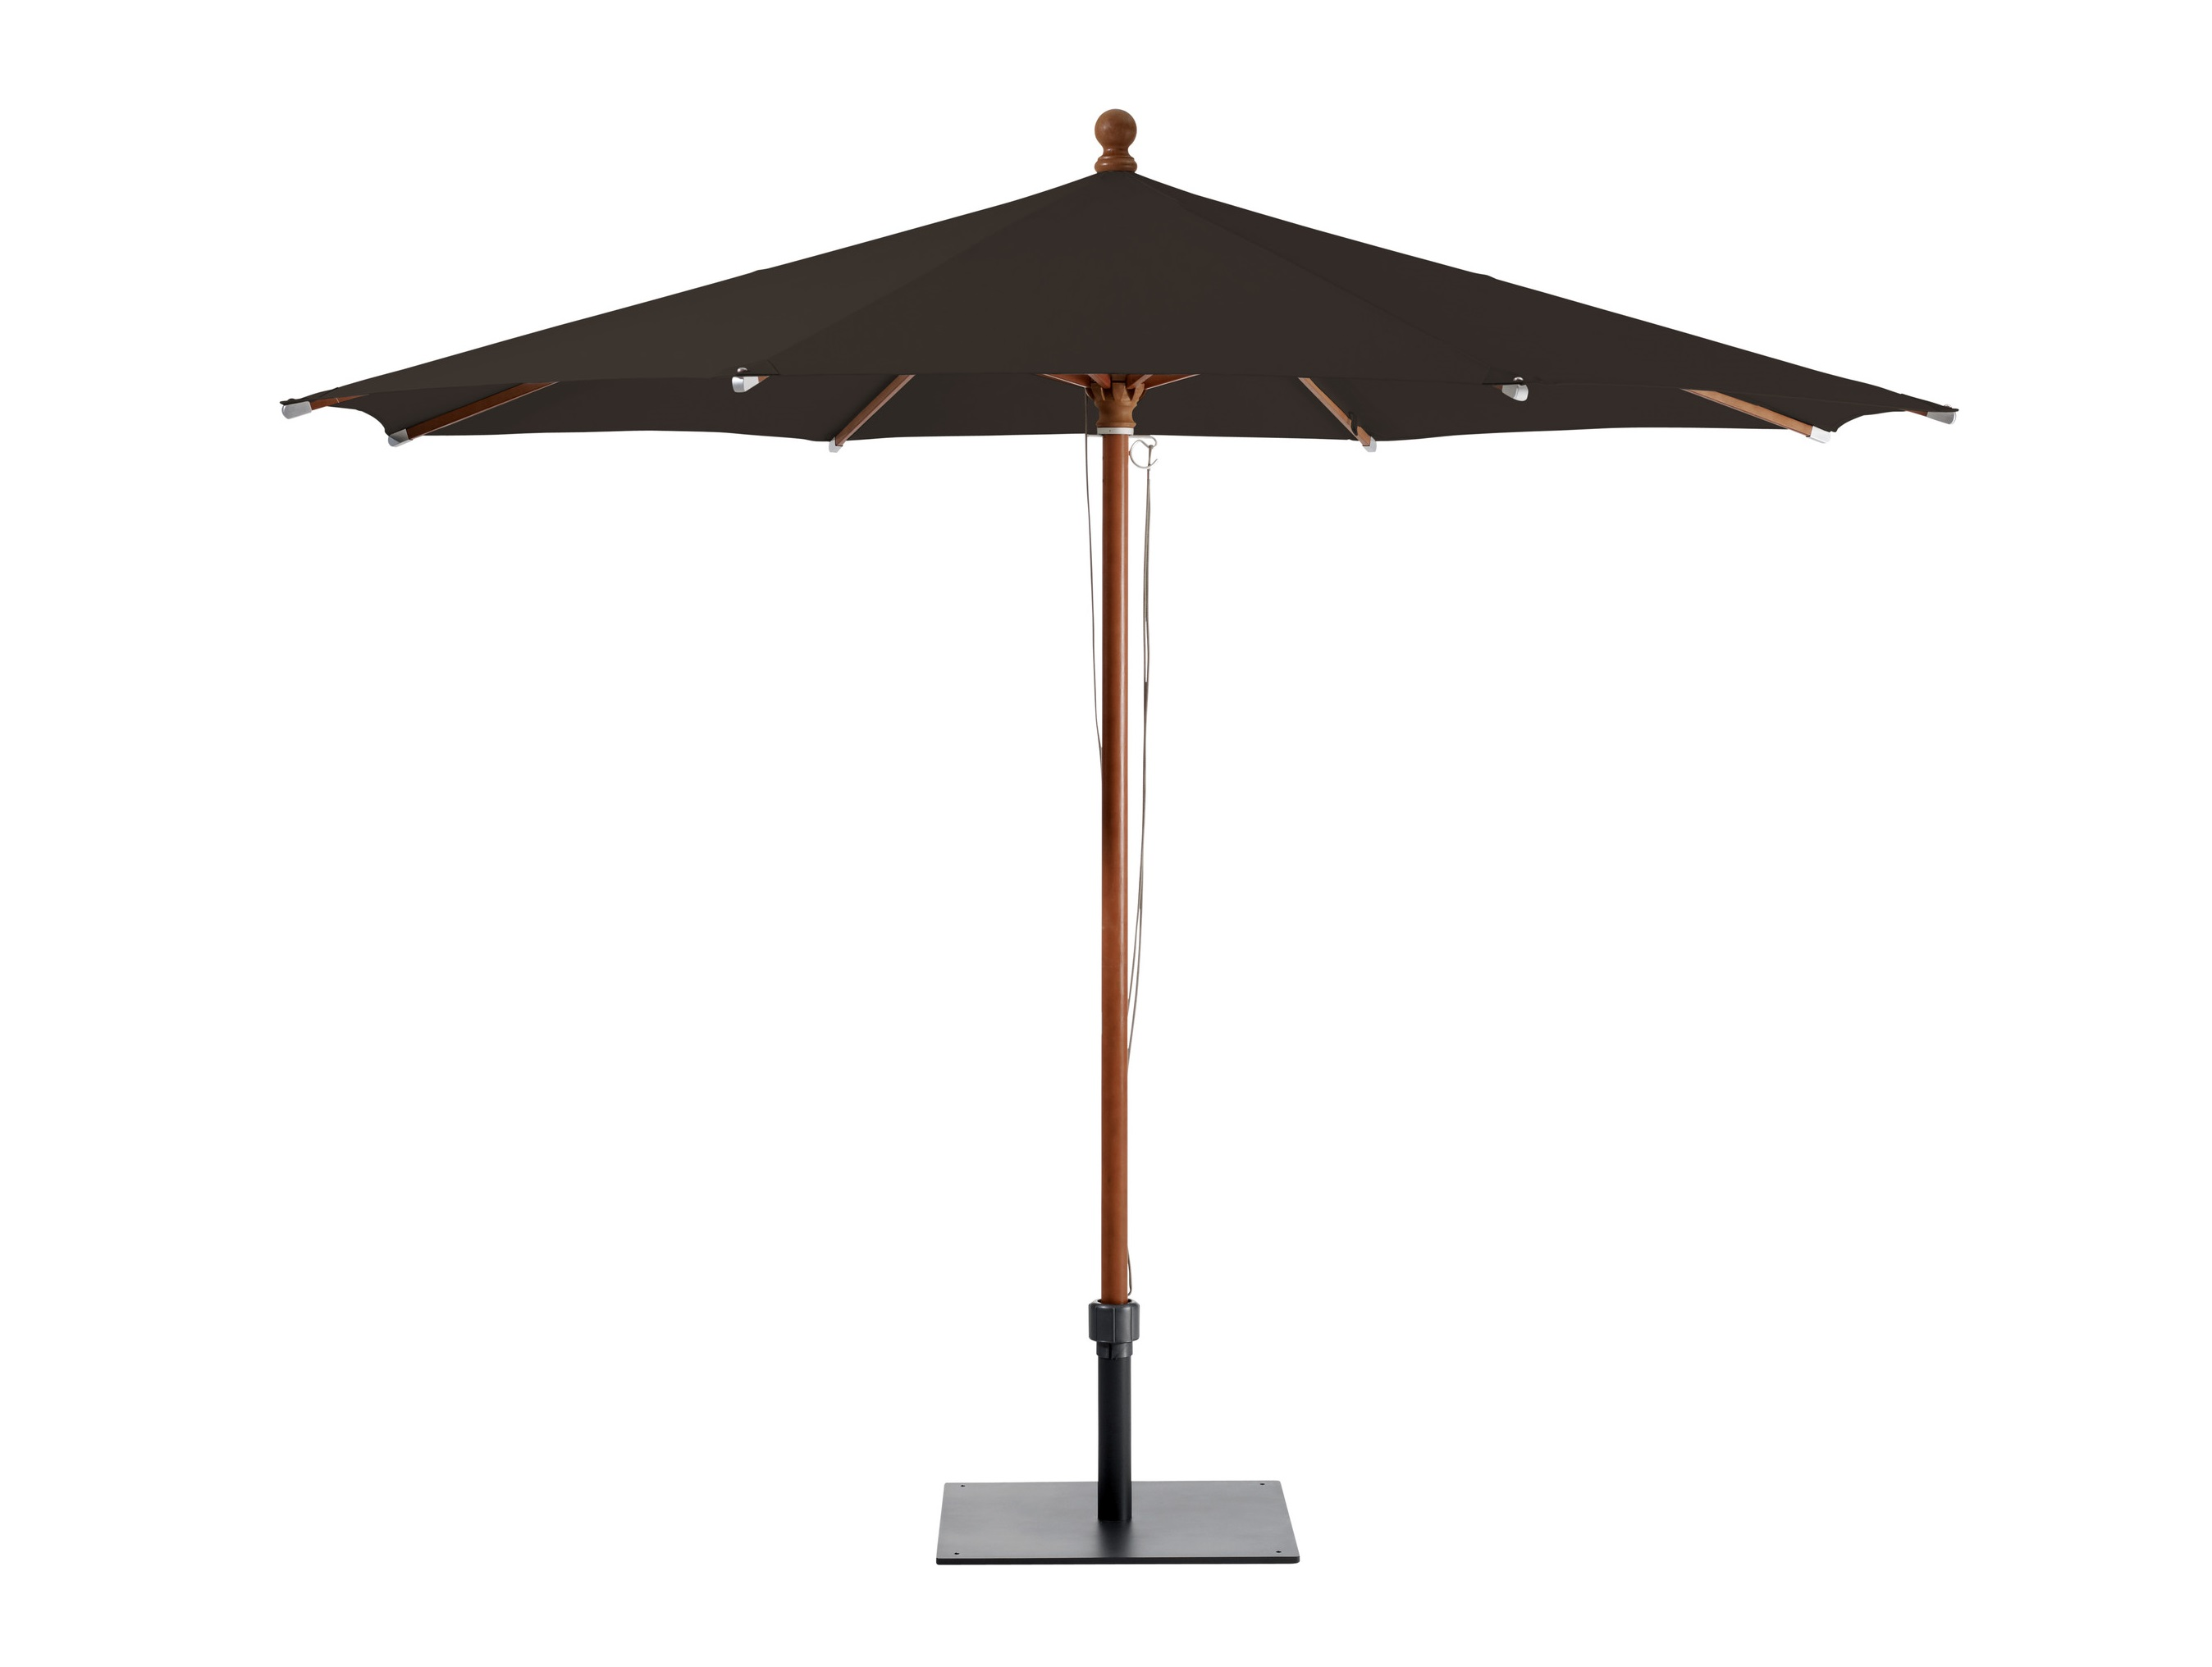 Уличный зонт PiazzinoТенты и зонты<br>Круглый зонт, каркас из канадского клена.&amp;amp;nbsp;&amp;lt;div&amp;gt;&amp;lt;br&amp;gt;&amp;lt;div&amp;gt;Плотность ткани 250 g/m2.&amp;amp;nbsp;&amp;lt;/div&amp;gt;&amp;lt;div&amp;gt;Максимальная ветровая нагрузка 30км/ч.&amp;amp;nbsp;&amp;lt;/div&amp;gt;&amp;lt;div&amp;gt;В комплект входит: стальная база 60кг,опорная трубка, защитный чехол.&amp;amp;nbsp;&amp;lt;/div&amp;gt;&amp;lt;/div&amp;gt;<br><br>Material: Дерево<br>Высота см: 275